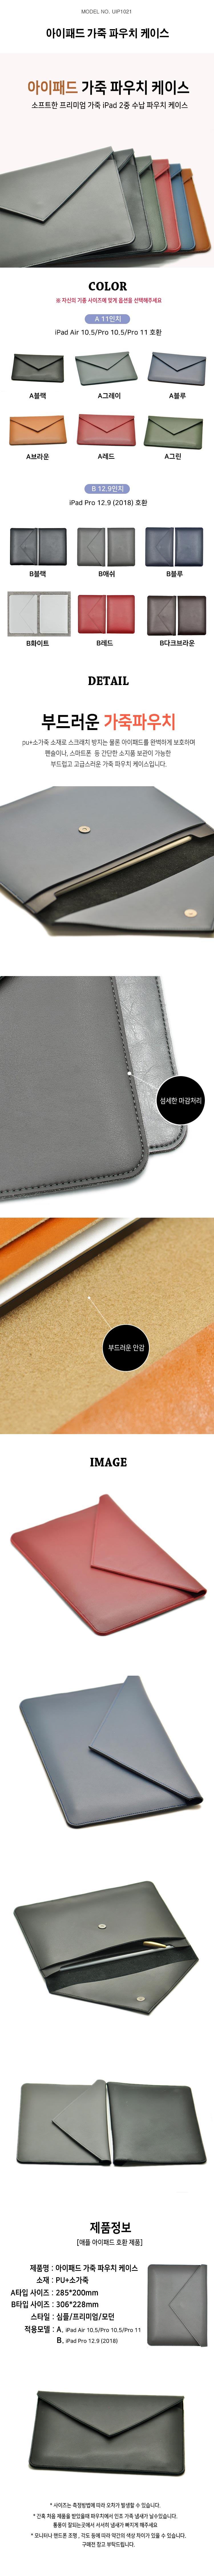 아이패드 가죽 파우치 케이스/에어 프로10.5 11 12.9 - 유니커블, 28,000원, 케이스, 아이패드/미니